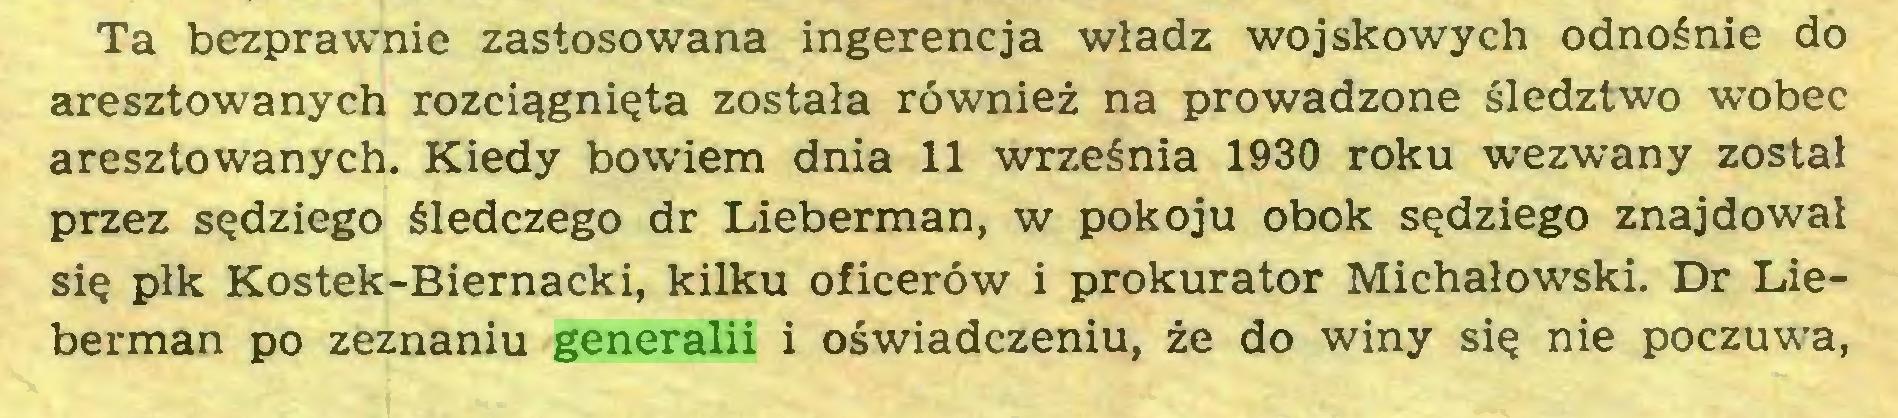 (...) Ta bezprawnie zastosowana ingerencja władz wojskowych odnośnie do aresztowanych rozciągnięta została również na prowadzone śledztwo wobec aresztowanych. Kiedy bowiem dnia 11 września 1930 roku wezwany został przez sędziego śledczego dr Lieberman, w pokoju obok sędziego znajdował się płk Kostek-Biernacki, kilku oficerów i prokurator Michałowski. Dr Lieberman po zeznaniu generalii i oświadczeniu, że do winy się nie poczuwa,...